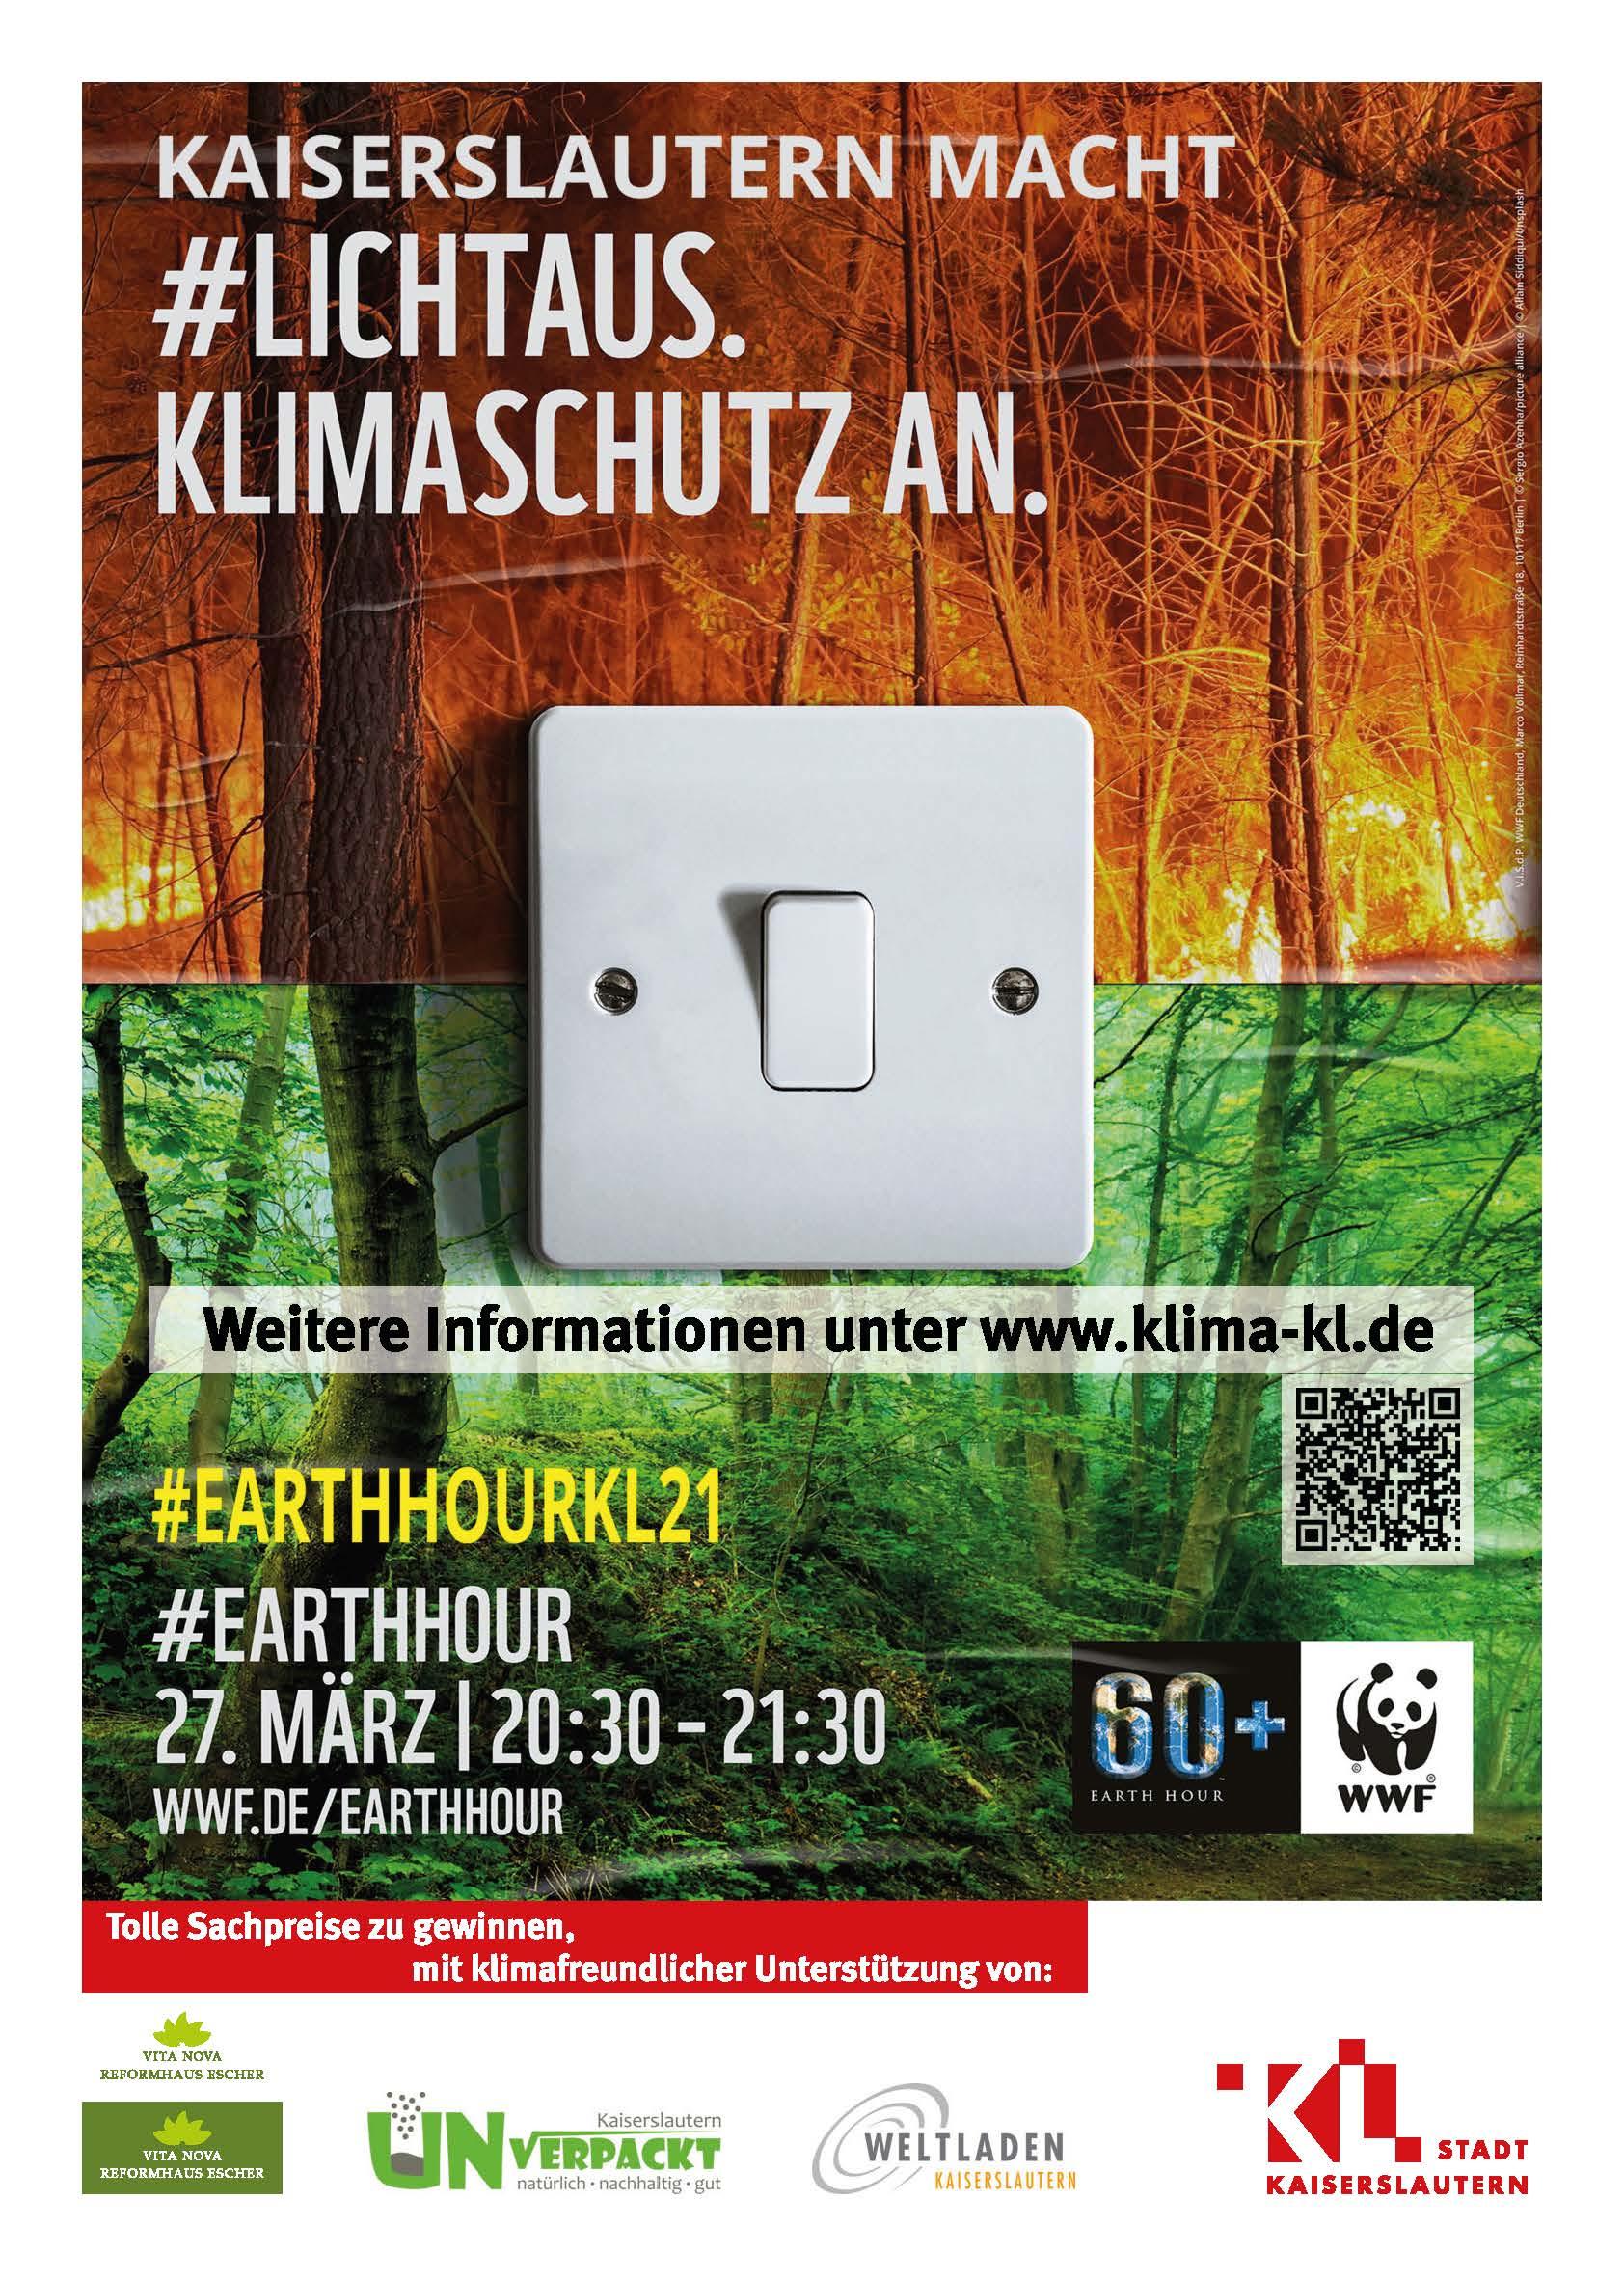 Licht aus – Klimaschutz an!